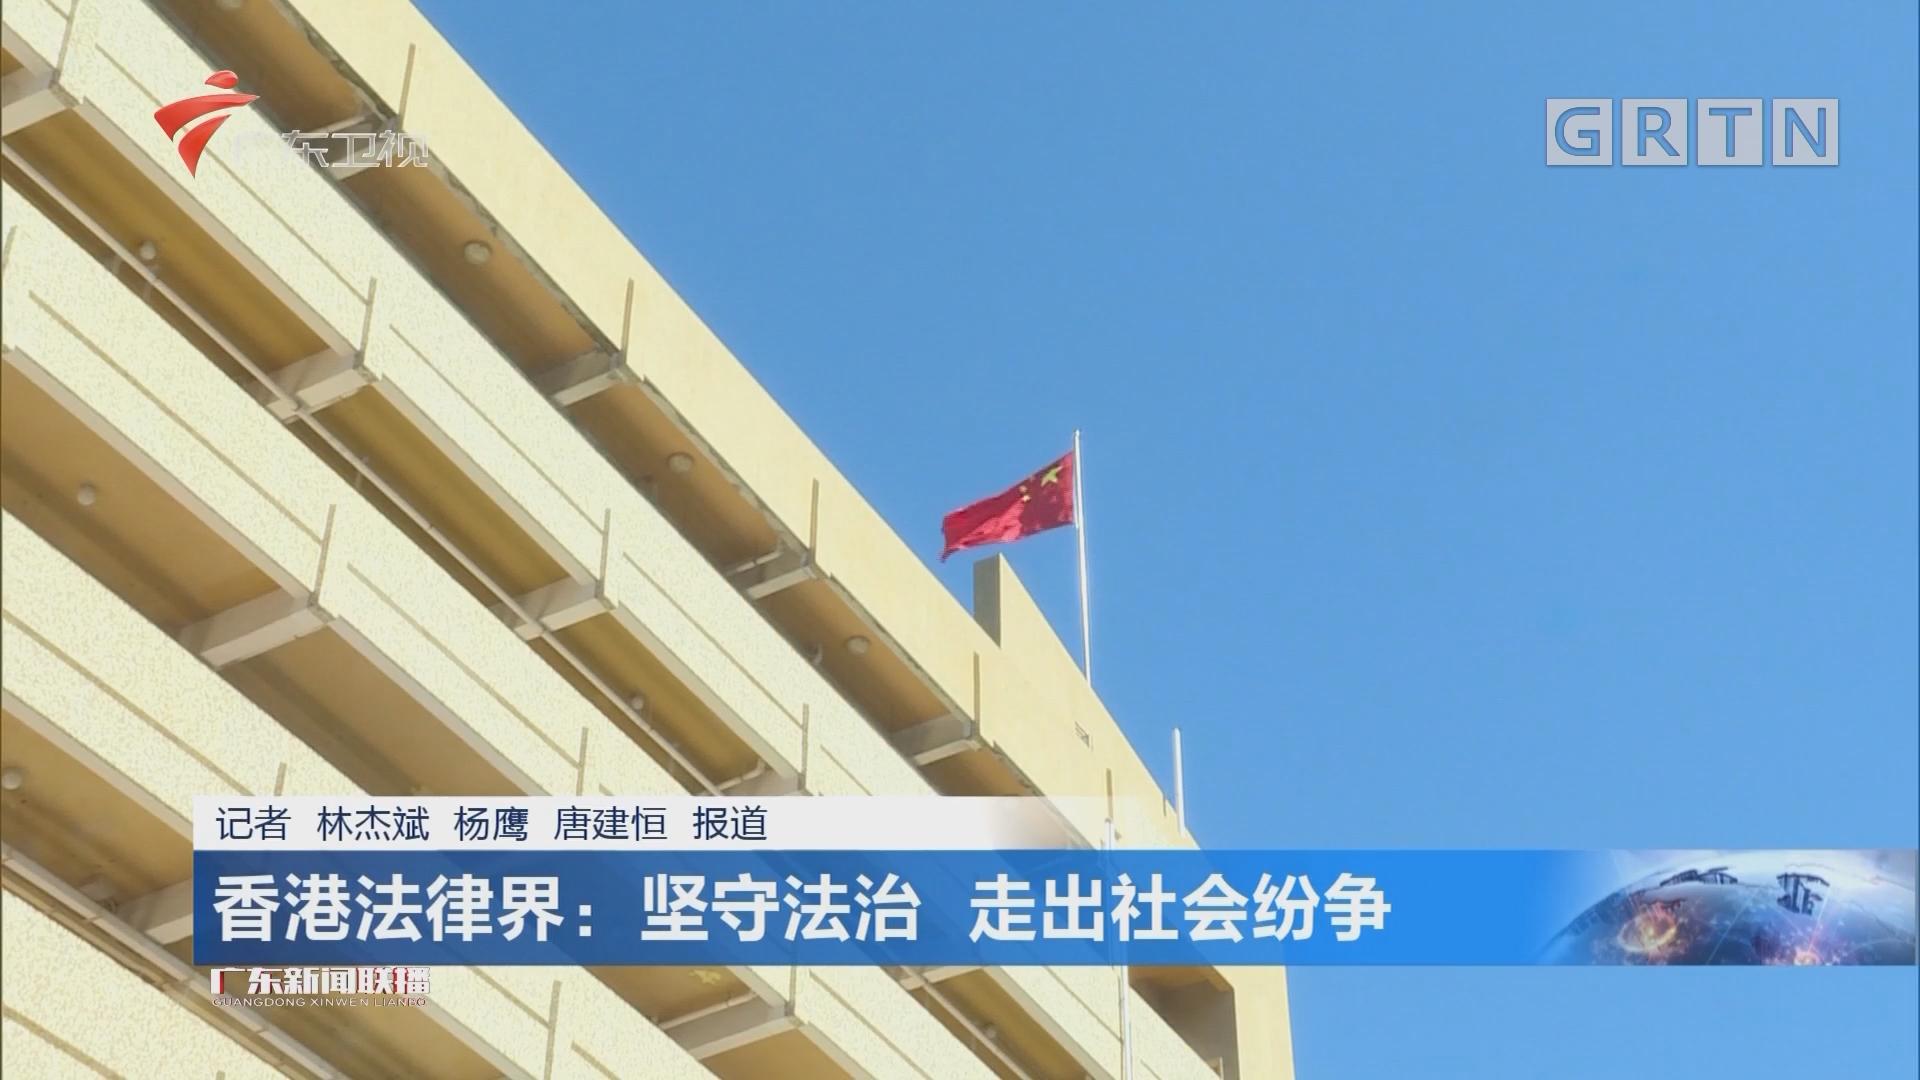 香港法律界:坚守法治 走出社会纷争